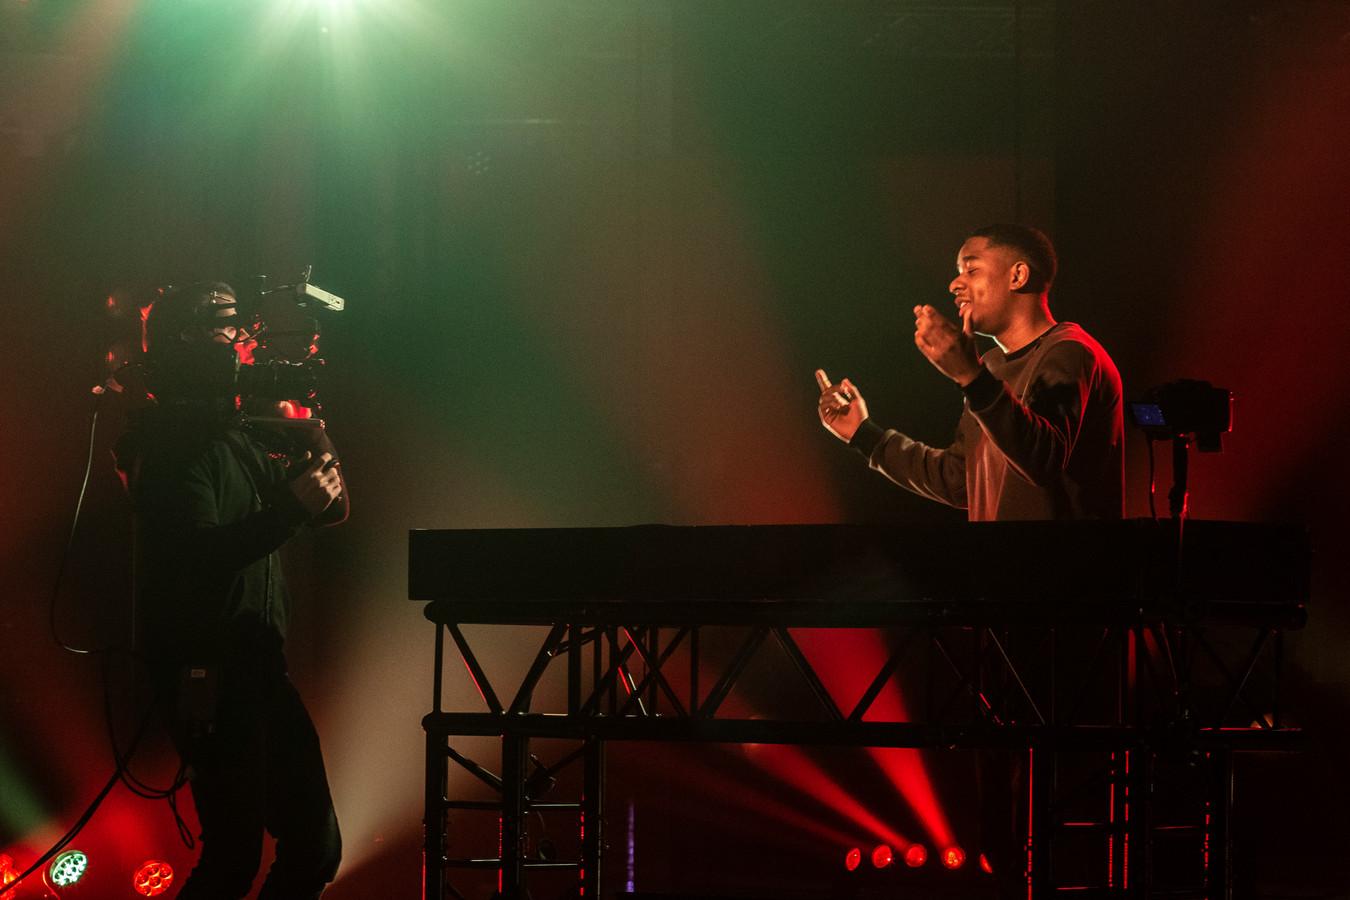 DJ JP tijdens de opnames van het online clubbin' event dat op oudjaarsavond wordt uitgezonden.